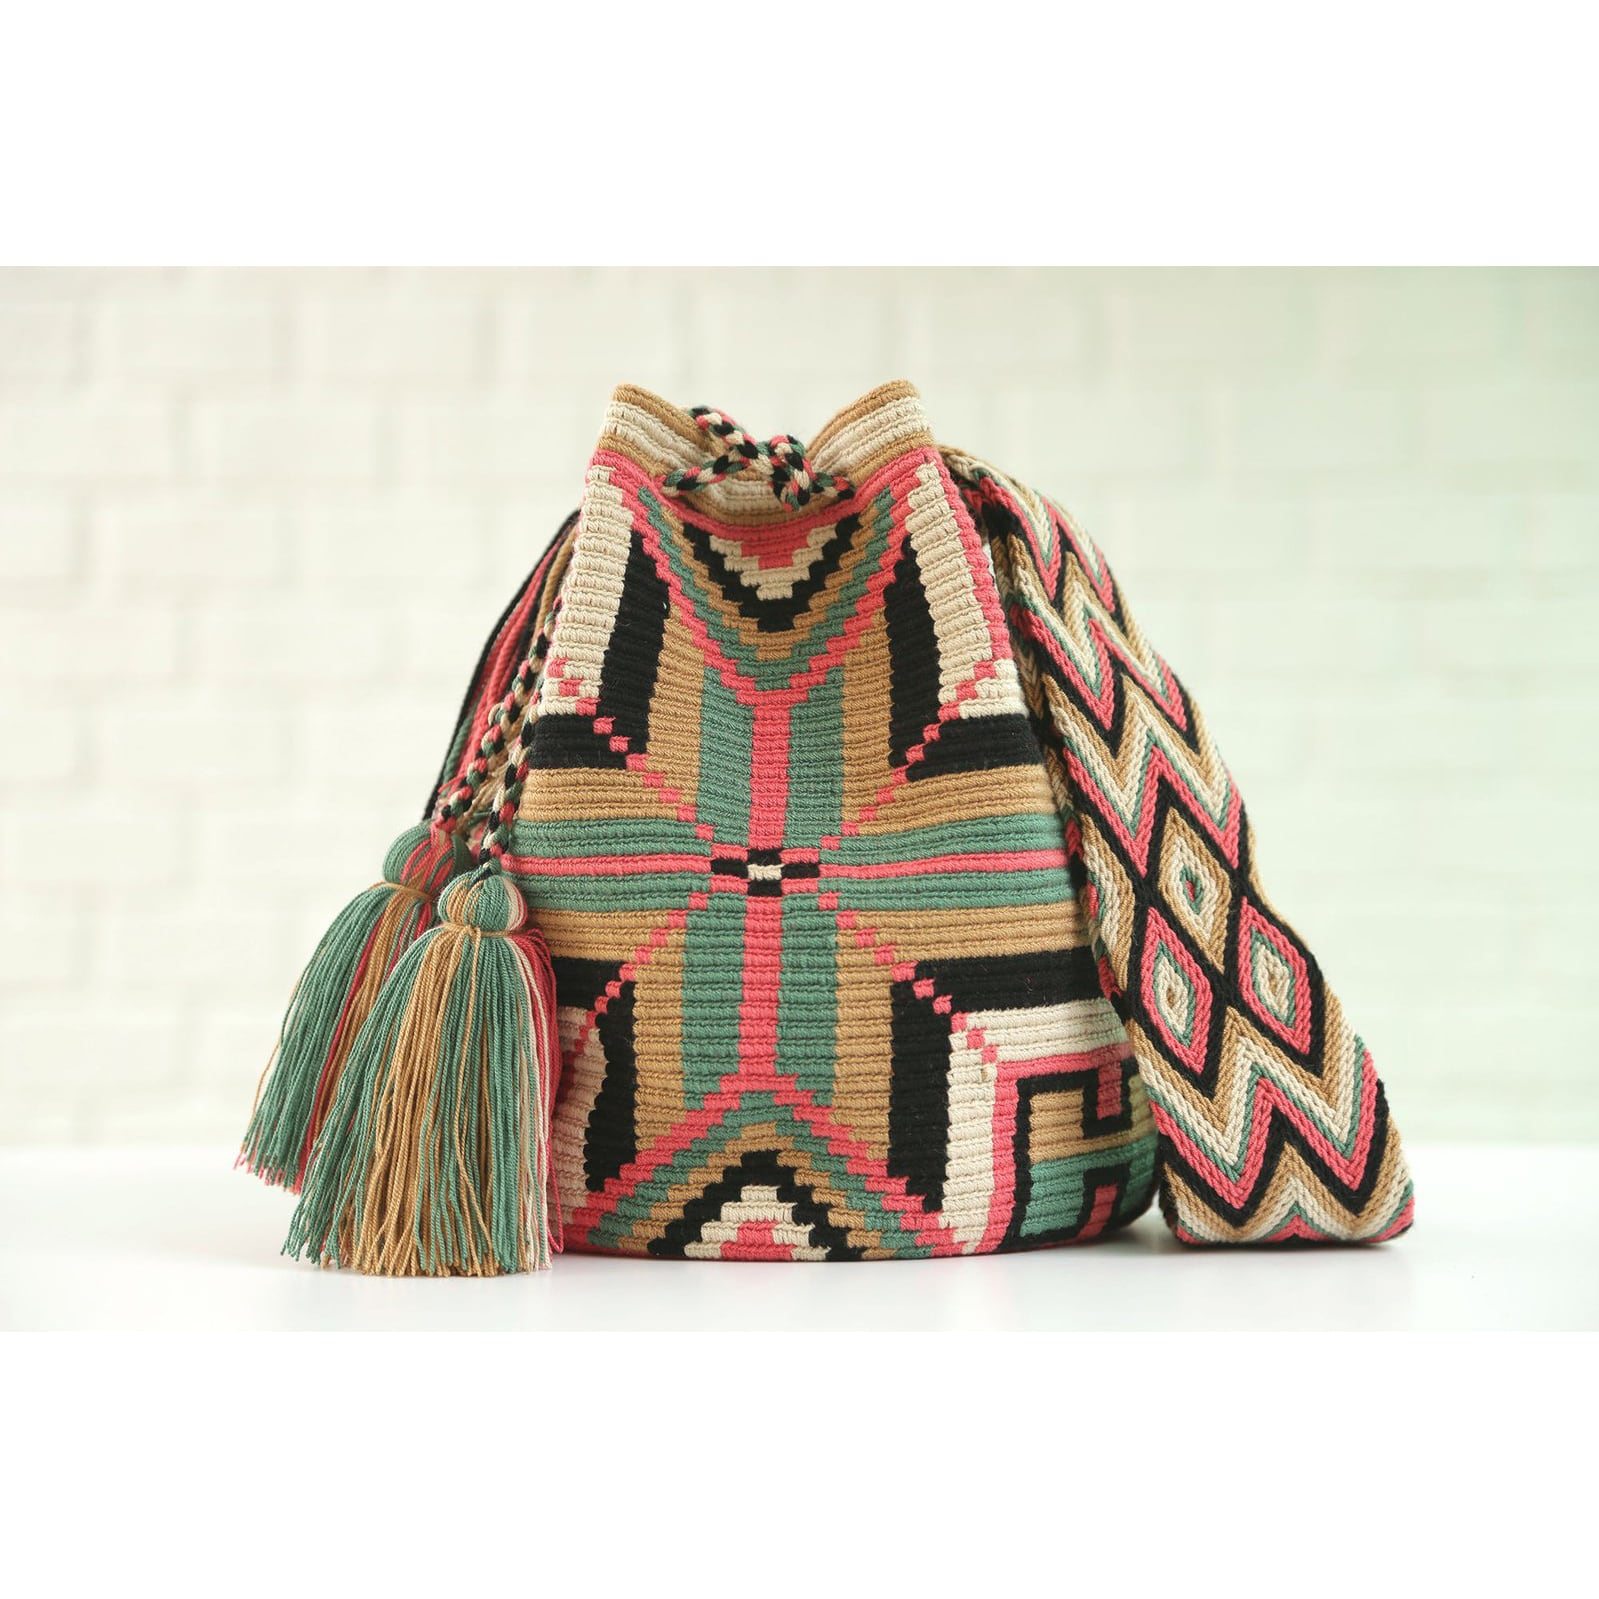 Chila Bags Formentera Bag